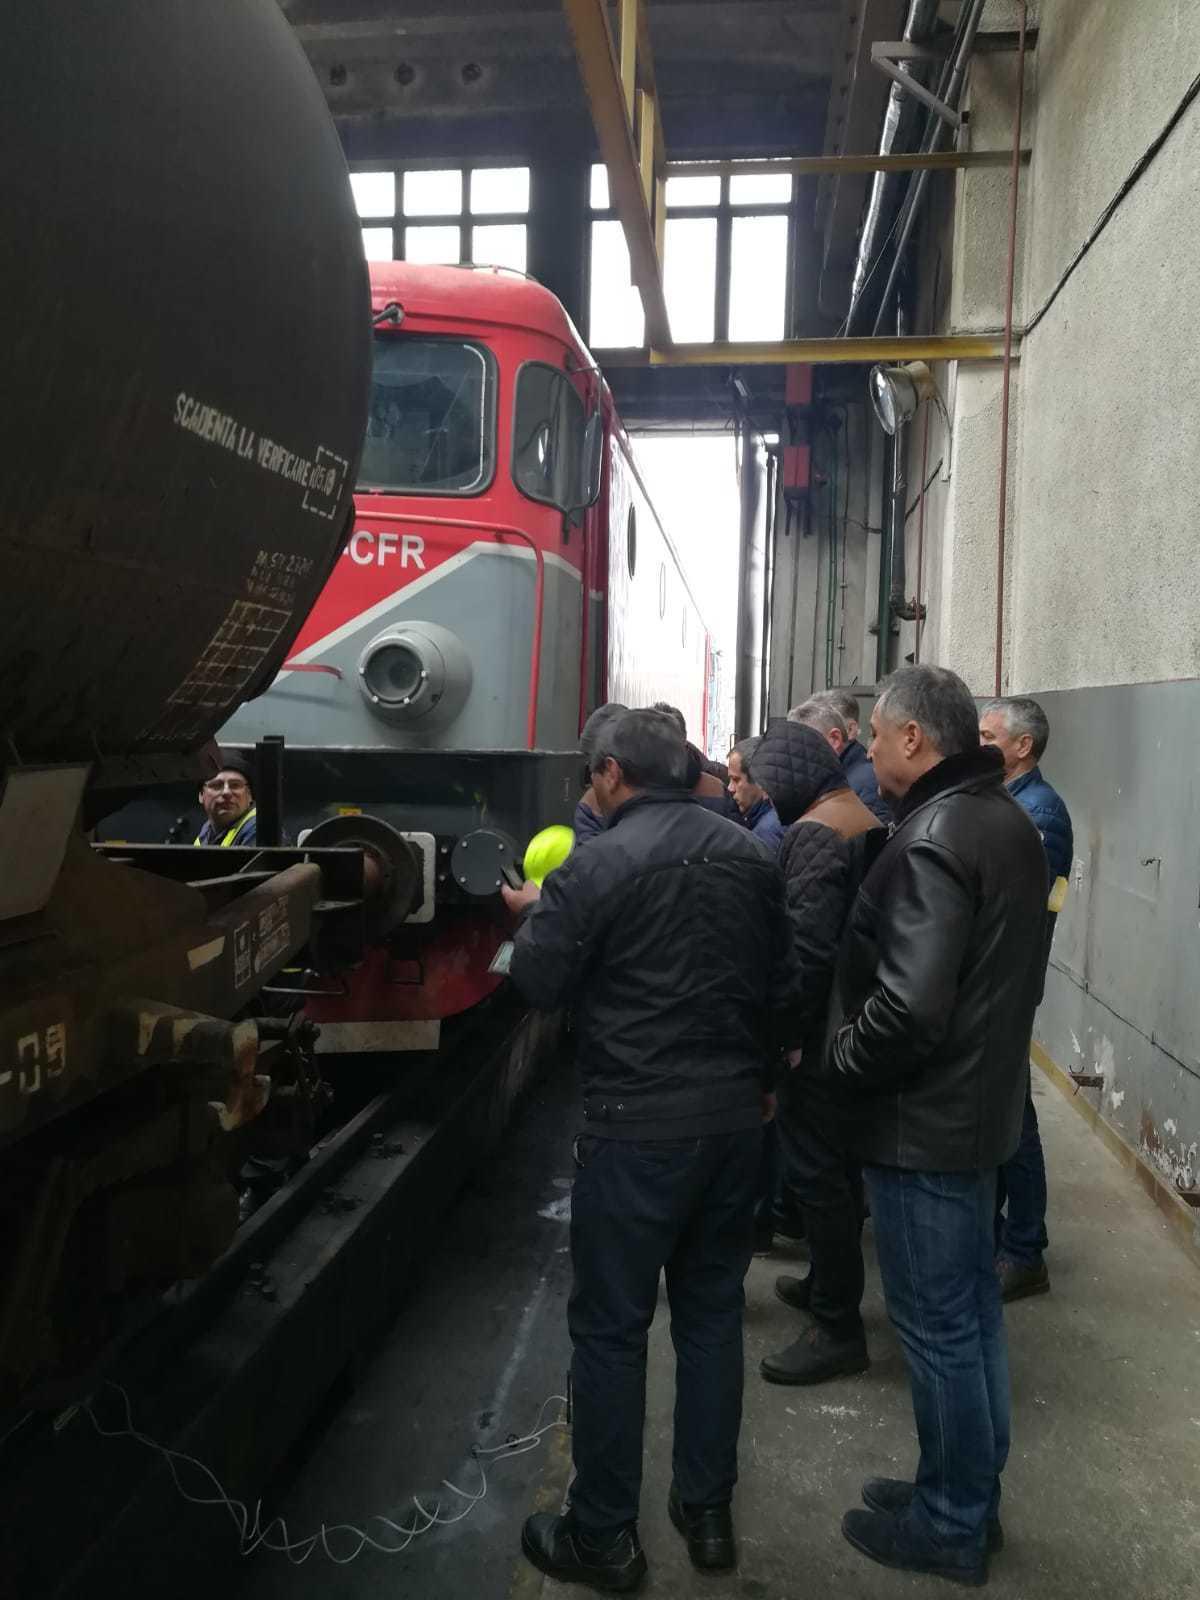 railway companies staff